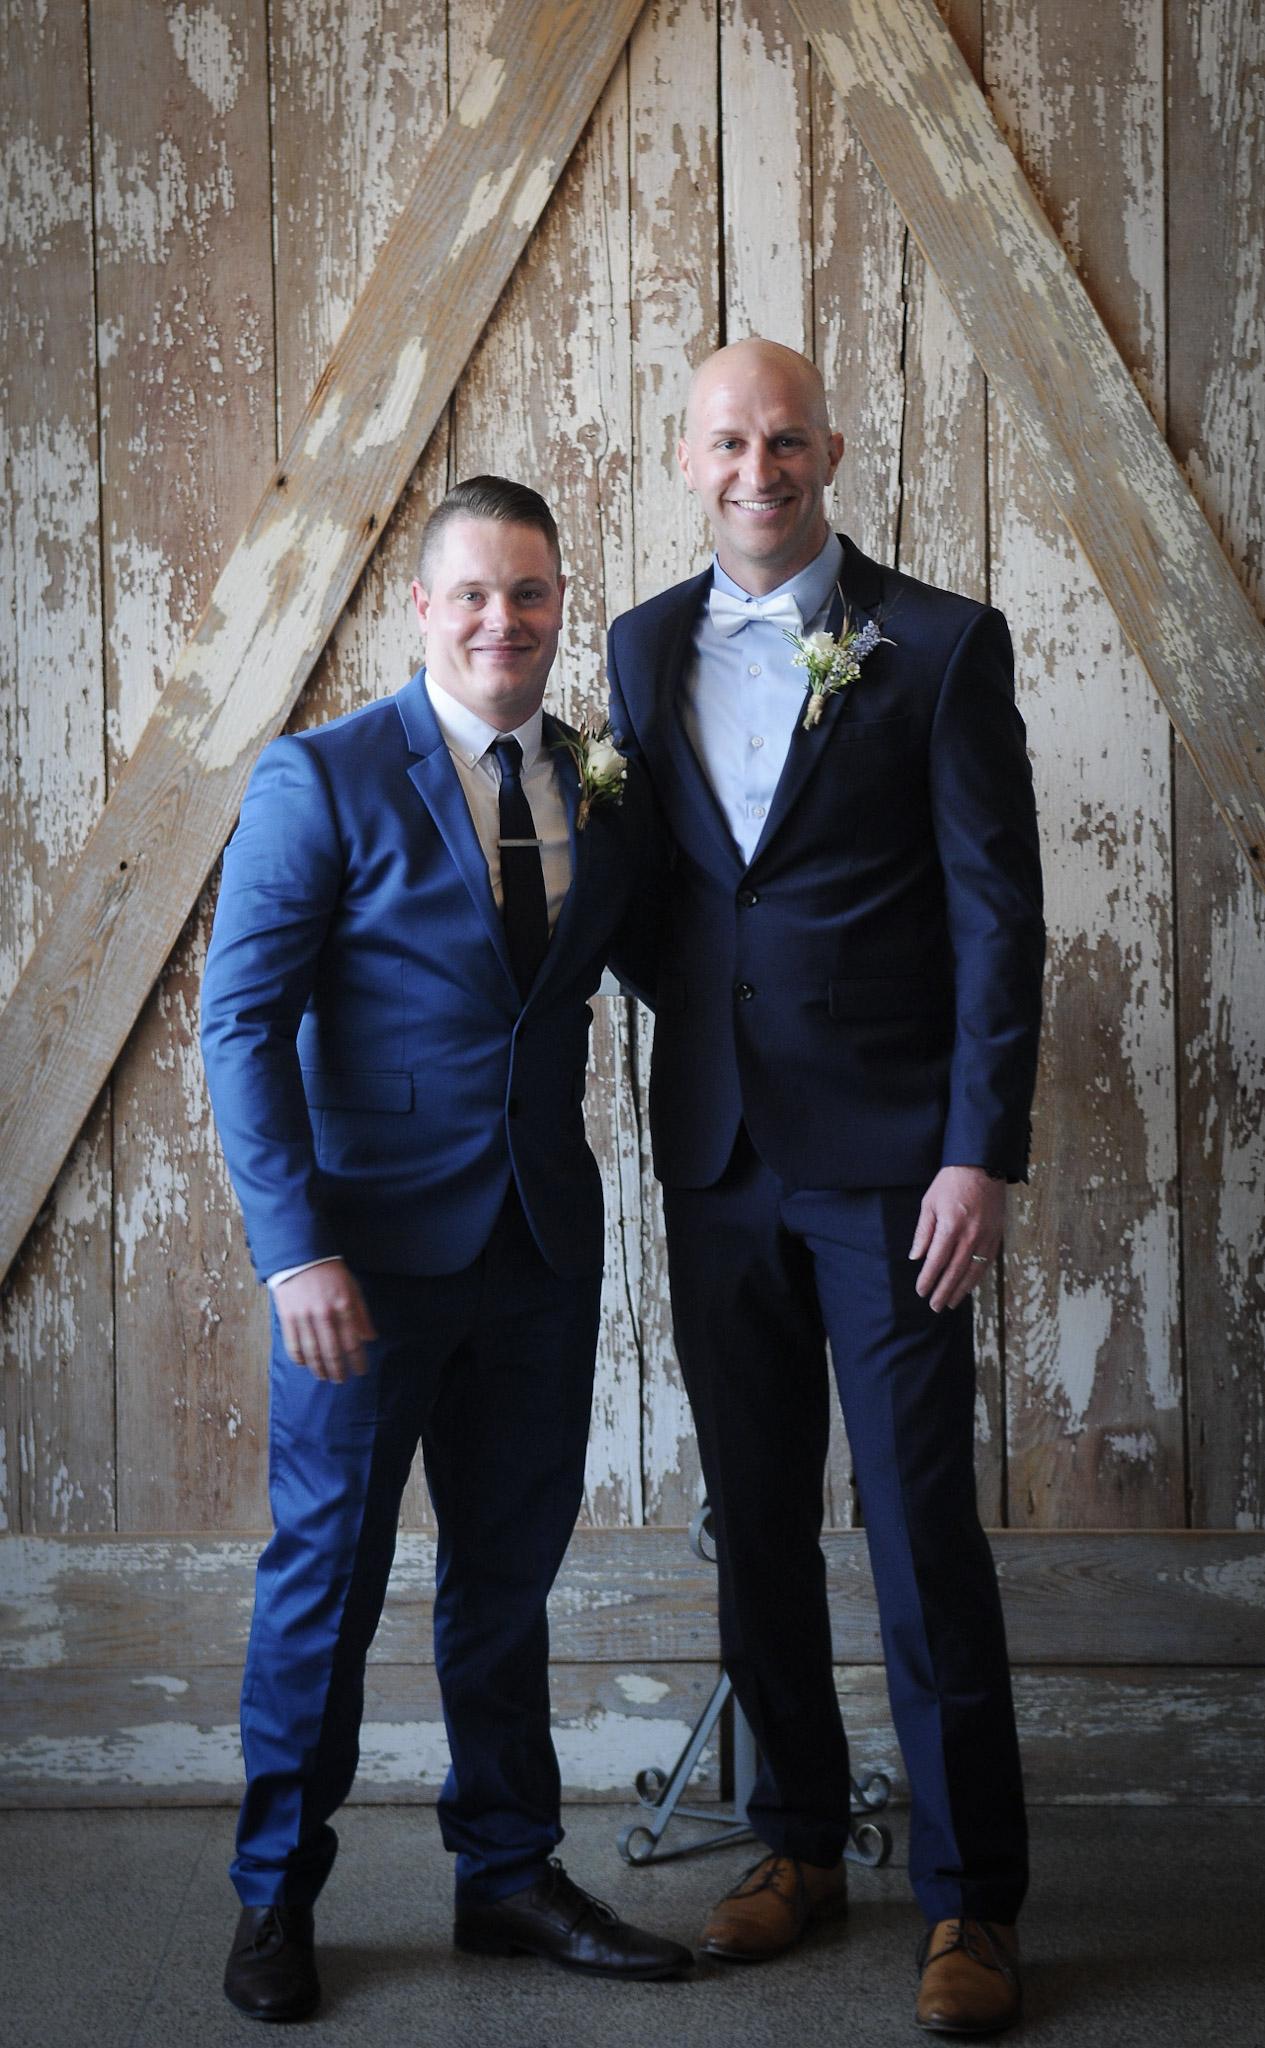 Kansas_City_Small_Intimate_Budget_Wedding_Venue_IMG_7383.jpg